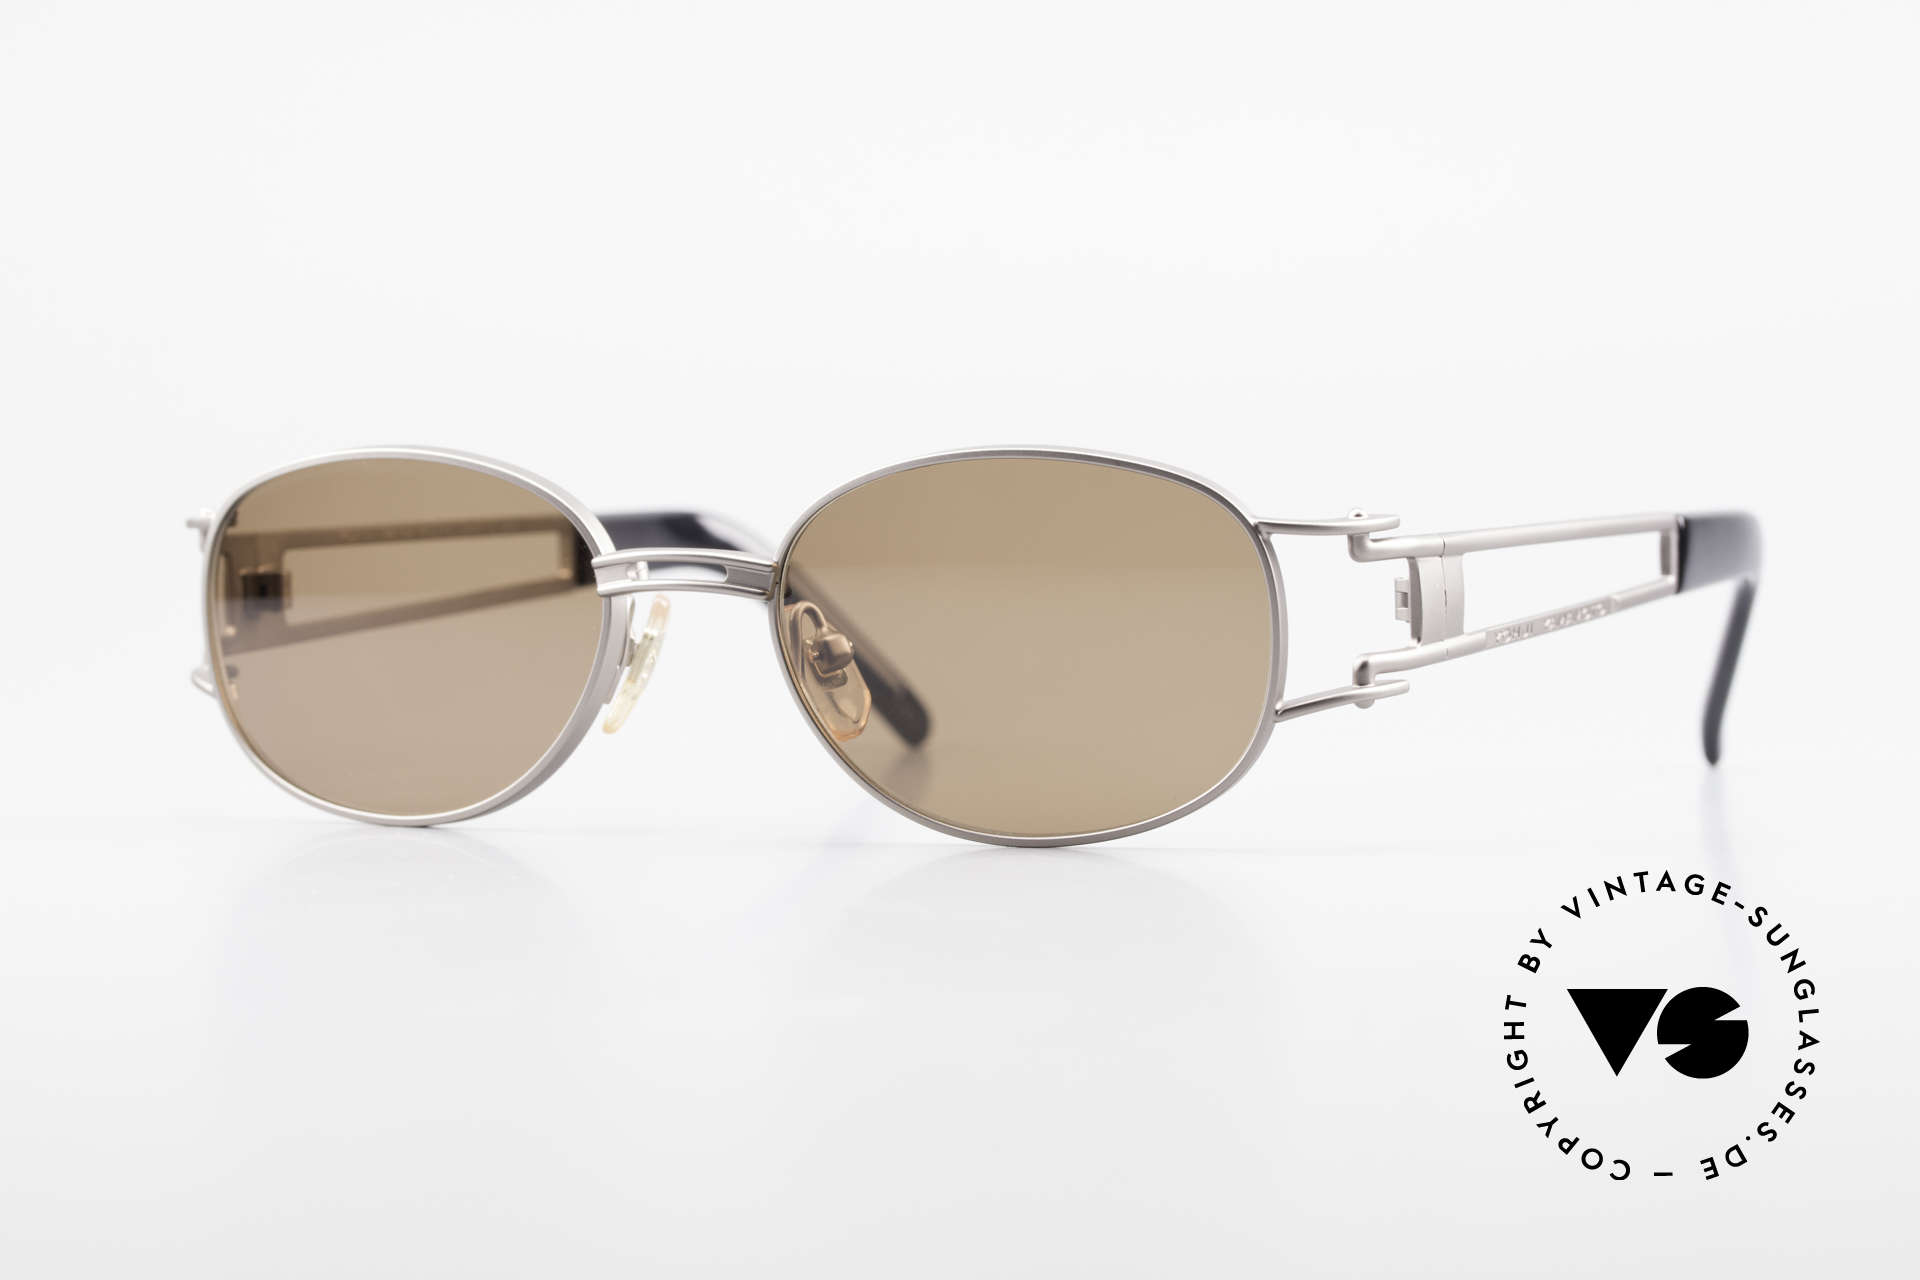 Yohji Yamamoto 52-6106 Vintage Designerbrille Oval, klassisch ovale vintage Sonnenbrille von Yohji Yamamoto, Passend für Herren und Damen